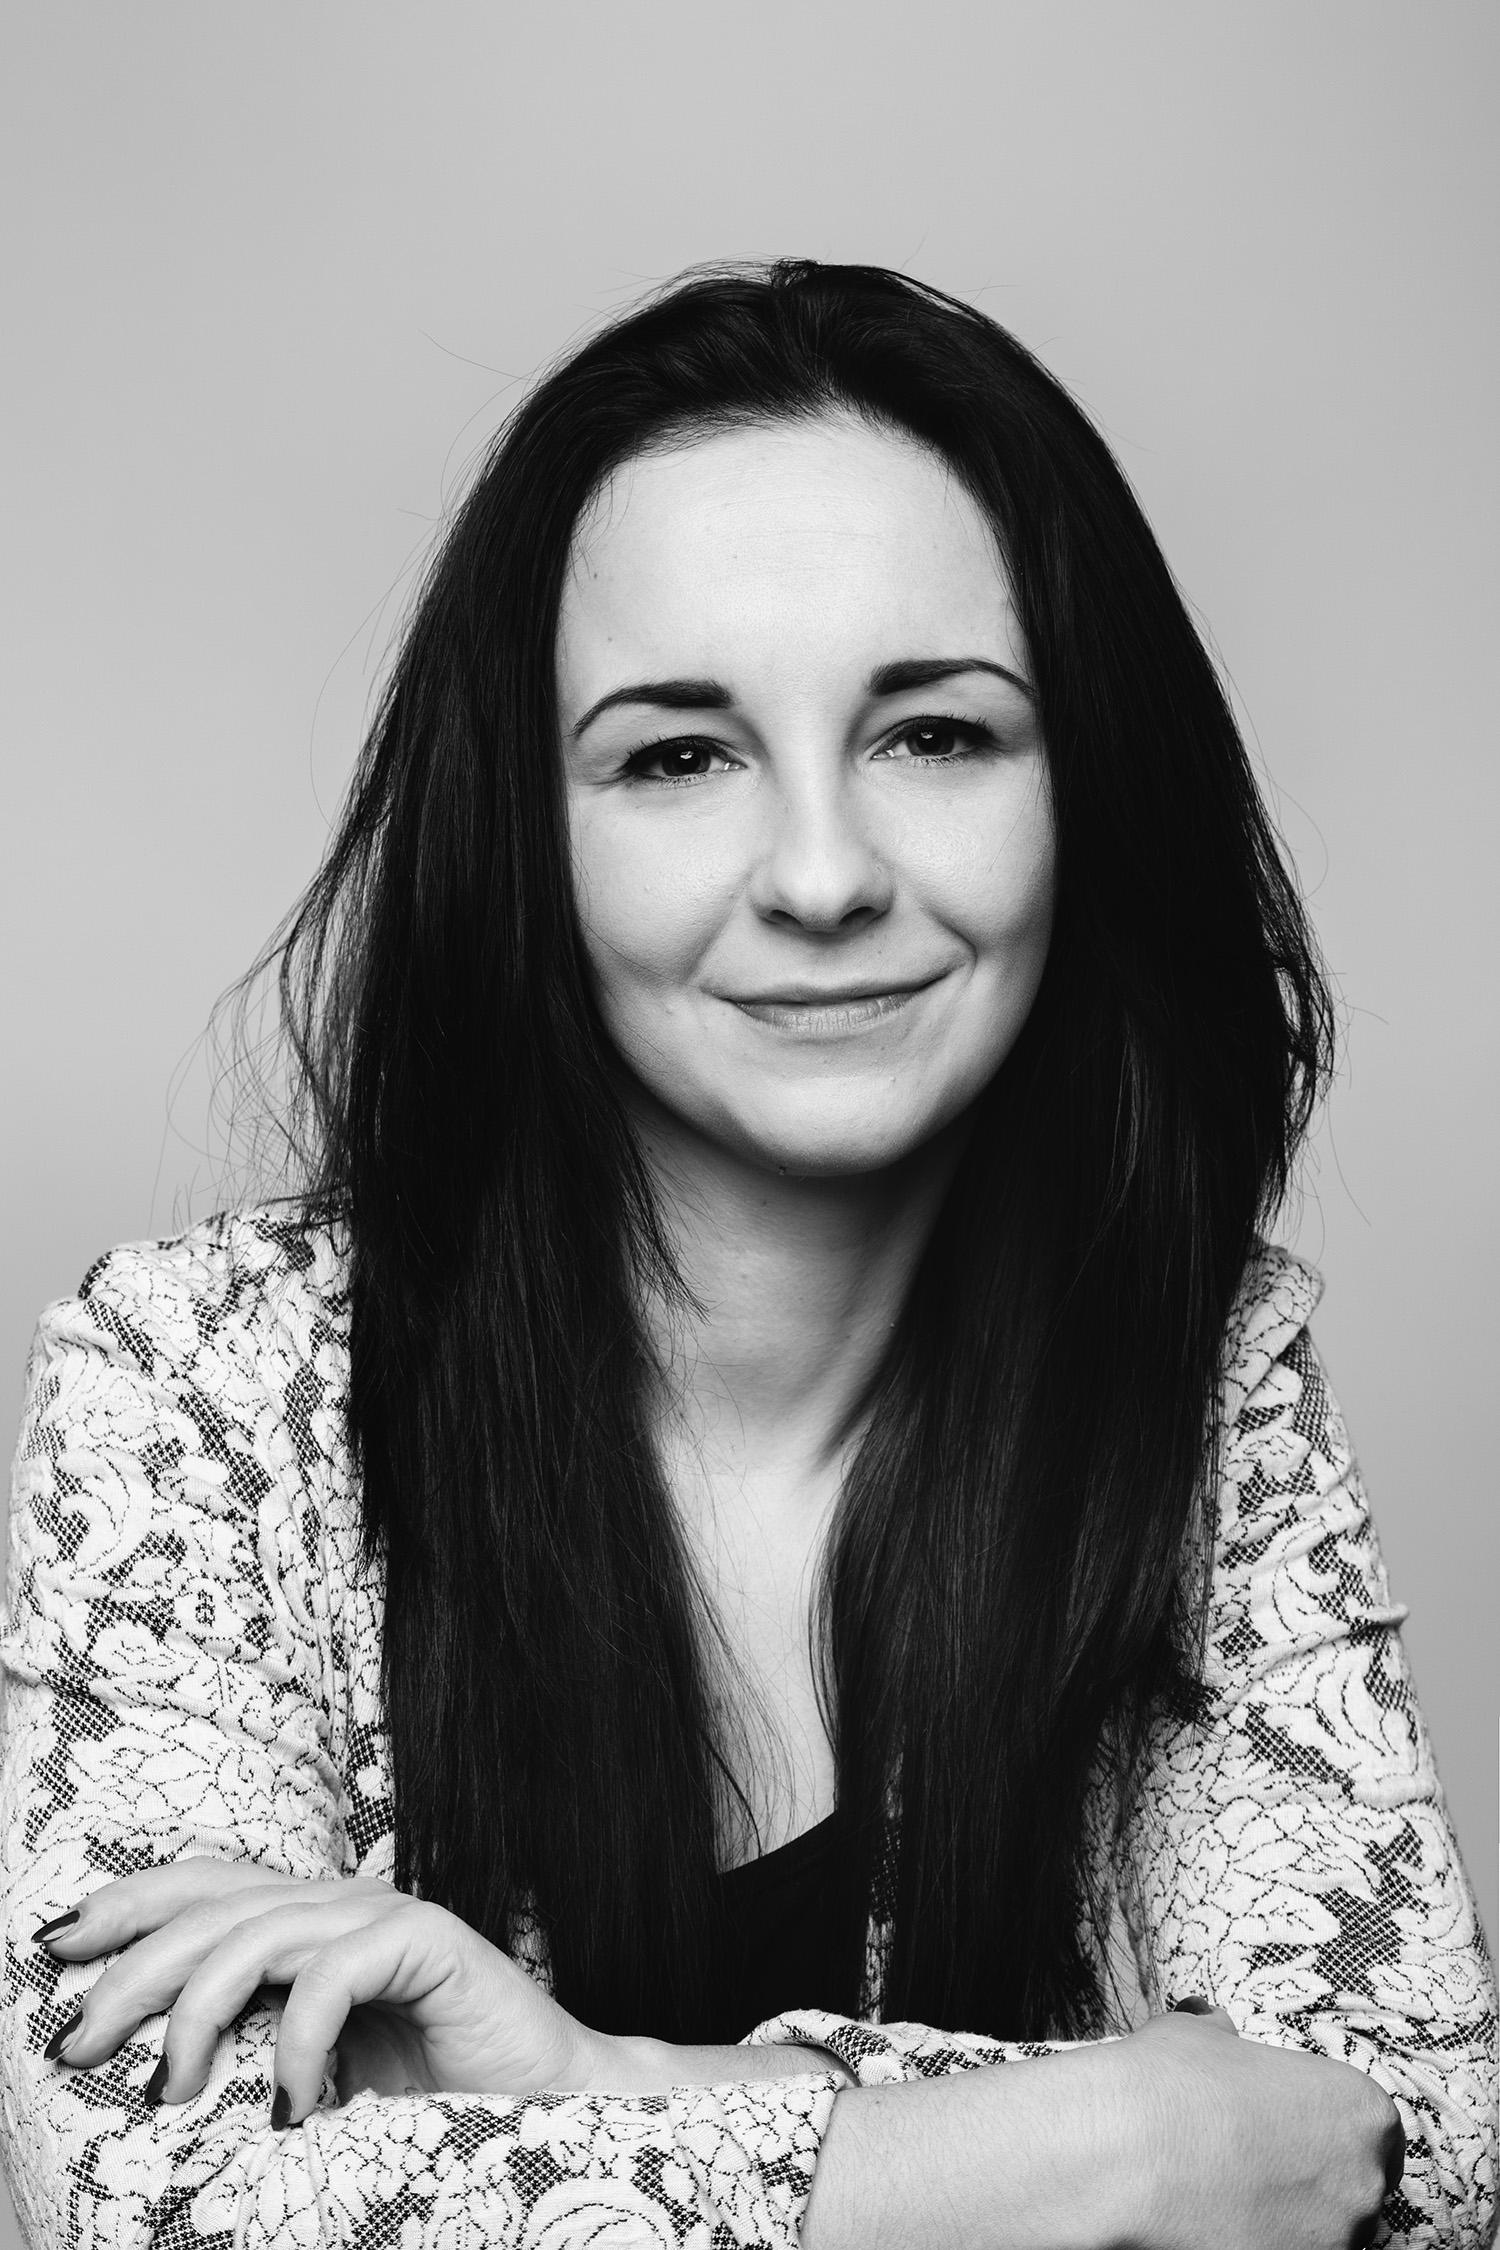 Katarzyna Pyszny